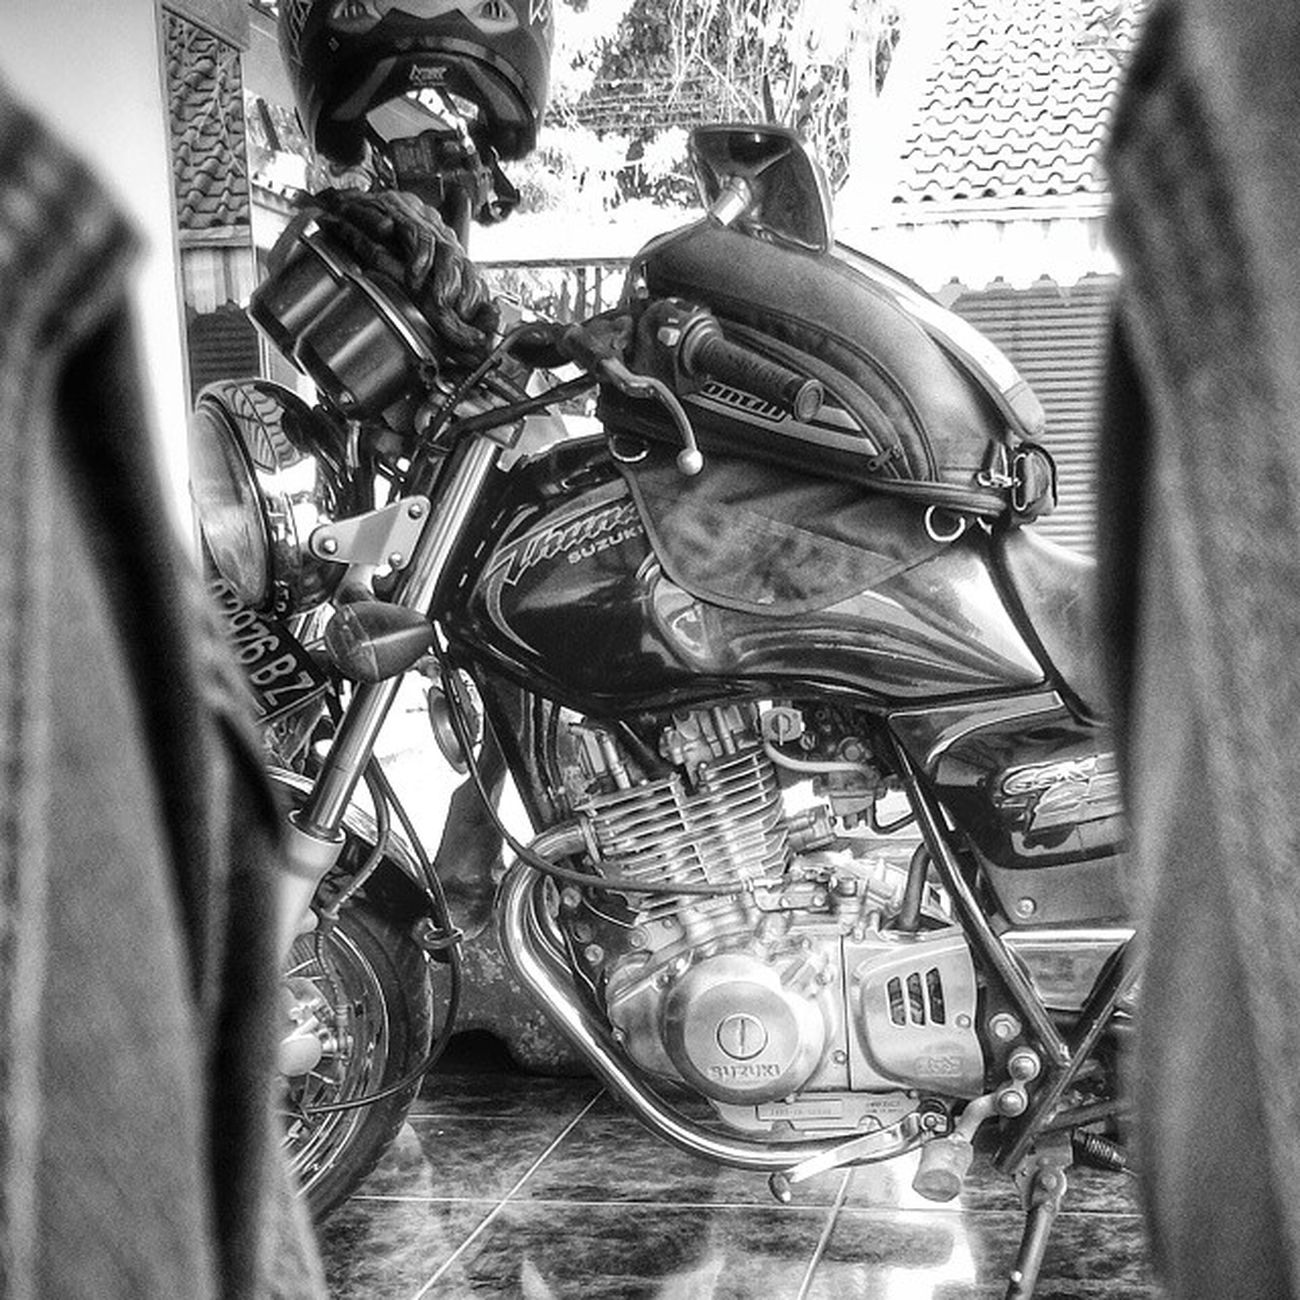 Gsx250 Bike